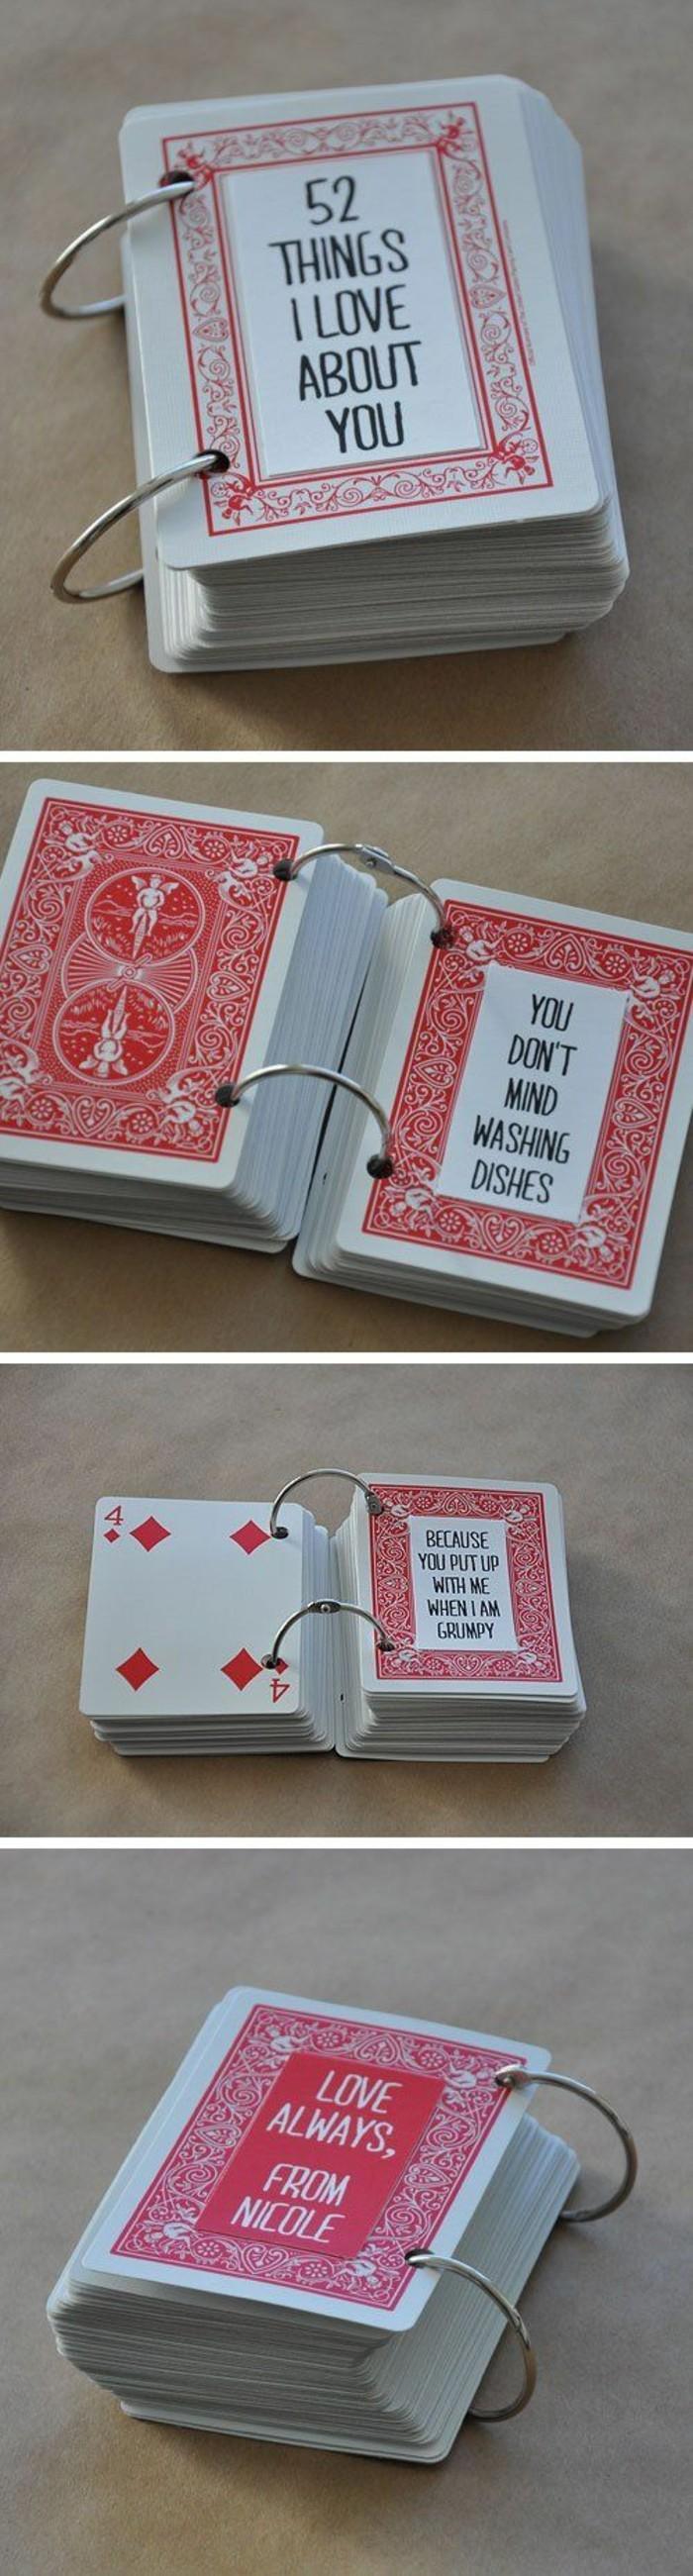 Carte da gioco, carte con scritte e citazioni, anelli di metallo